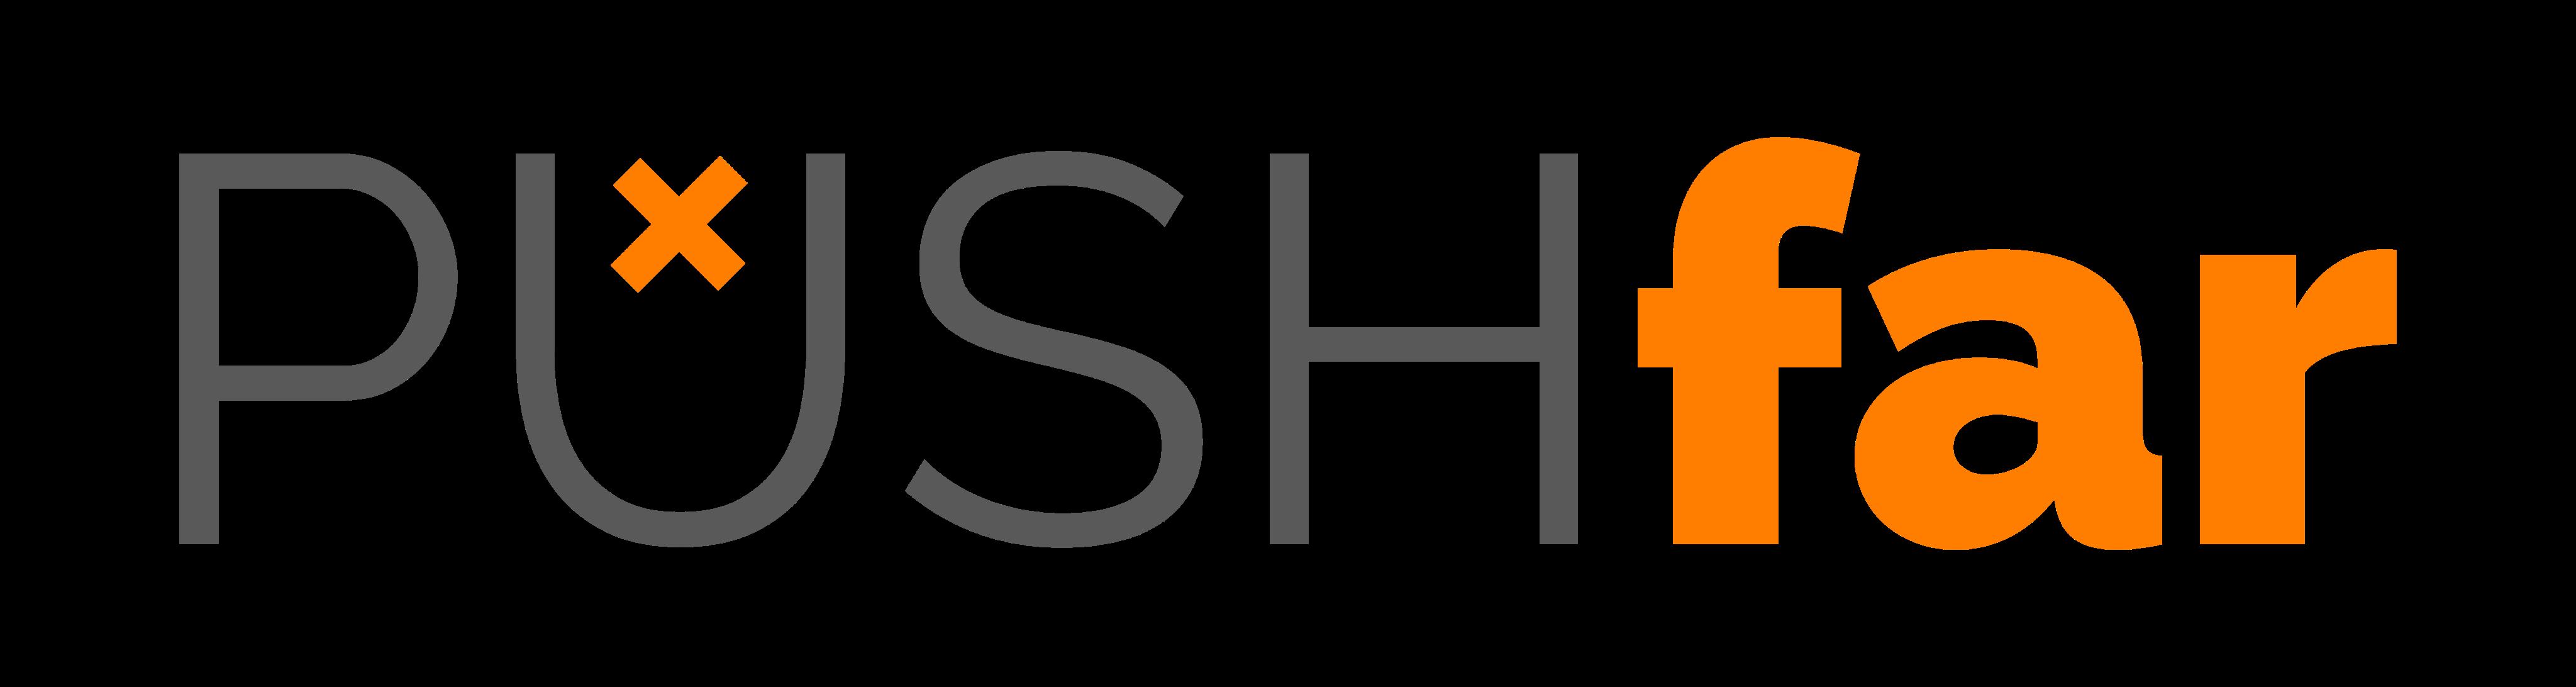 PushFar logo